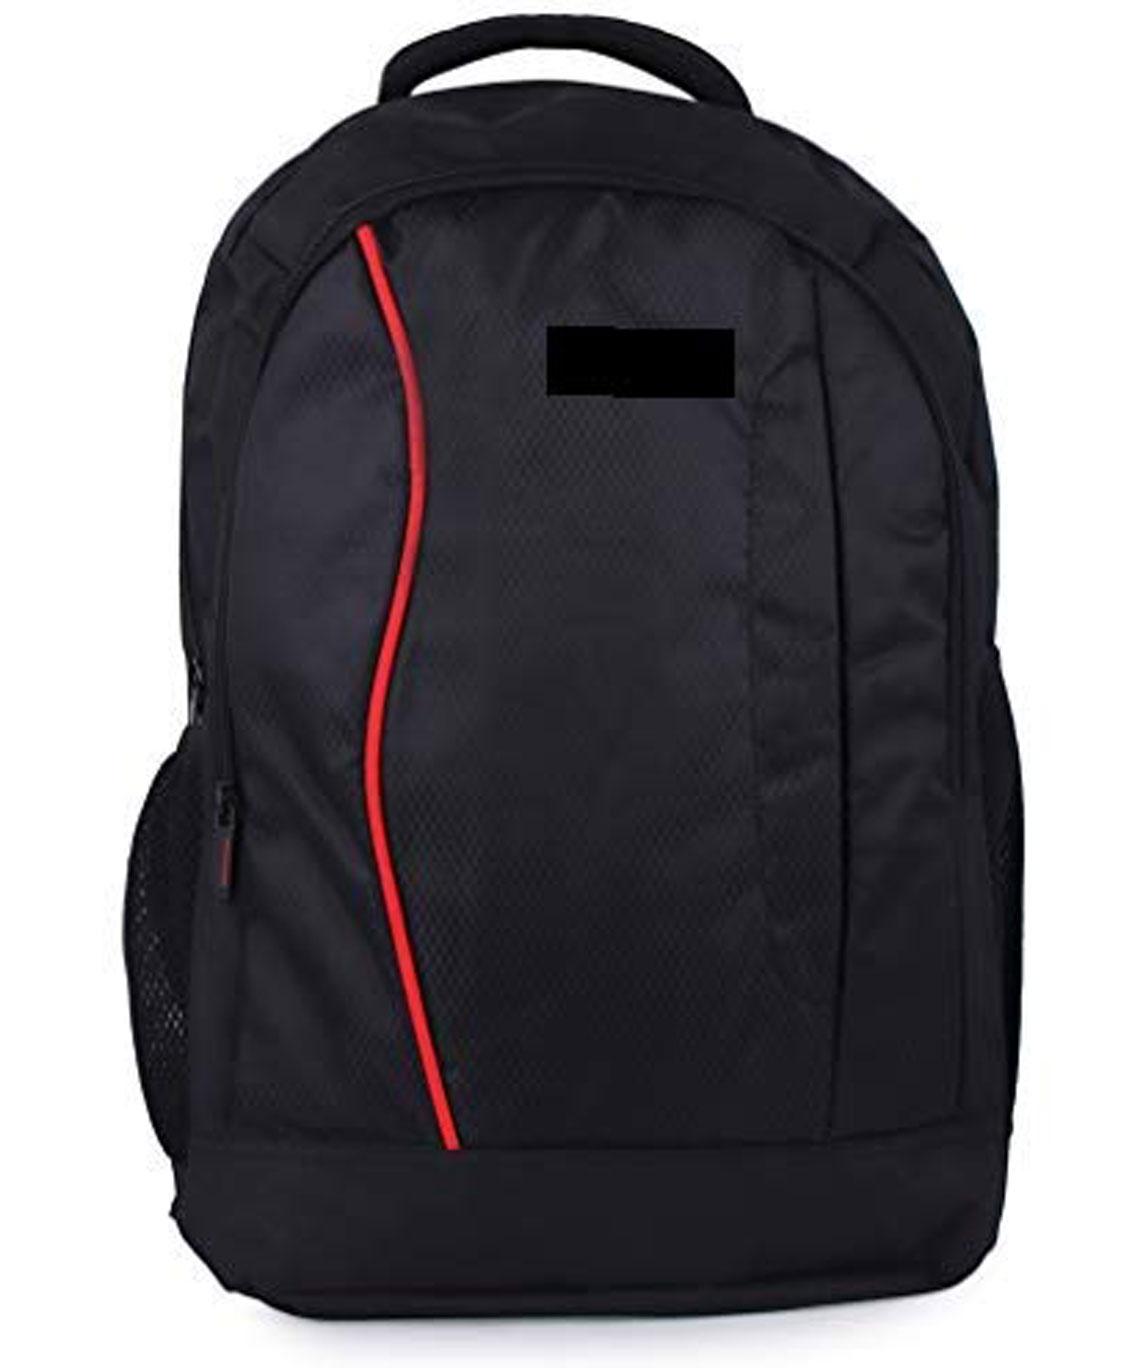 F/Star30 Liters Casual Bagpack/School Bag/Laptop Backpack(Black::Red)